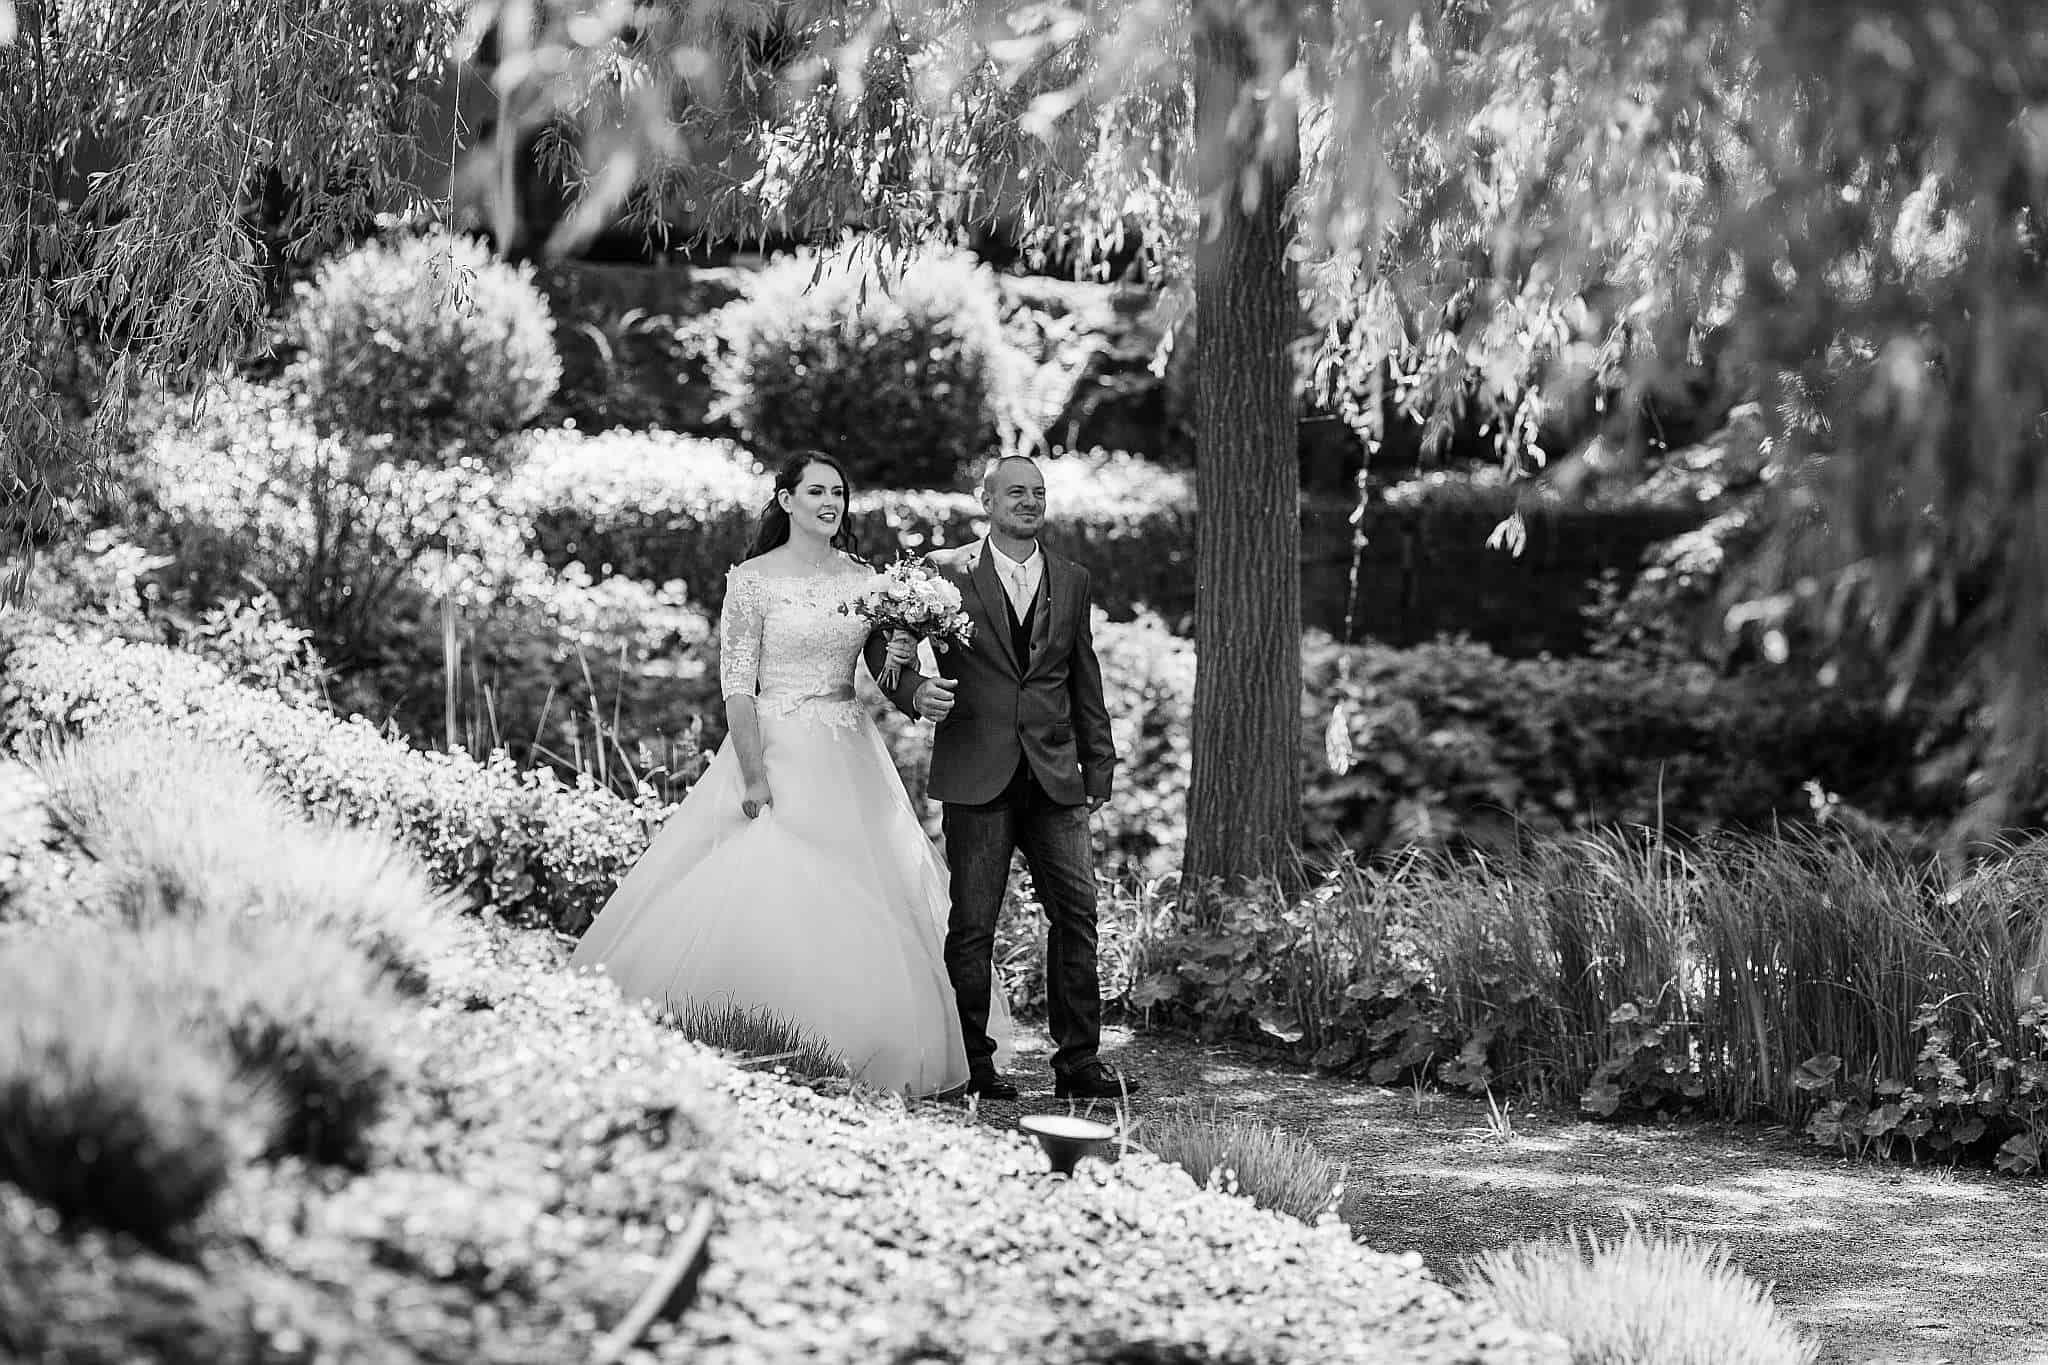 Die Braut zieht ein